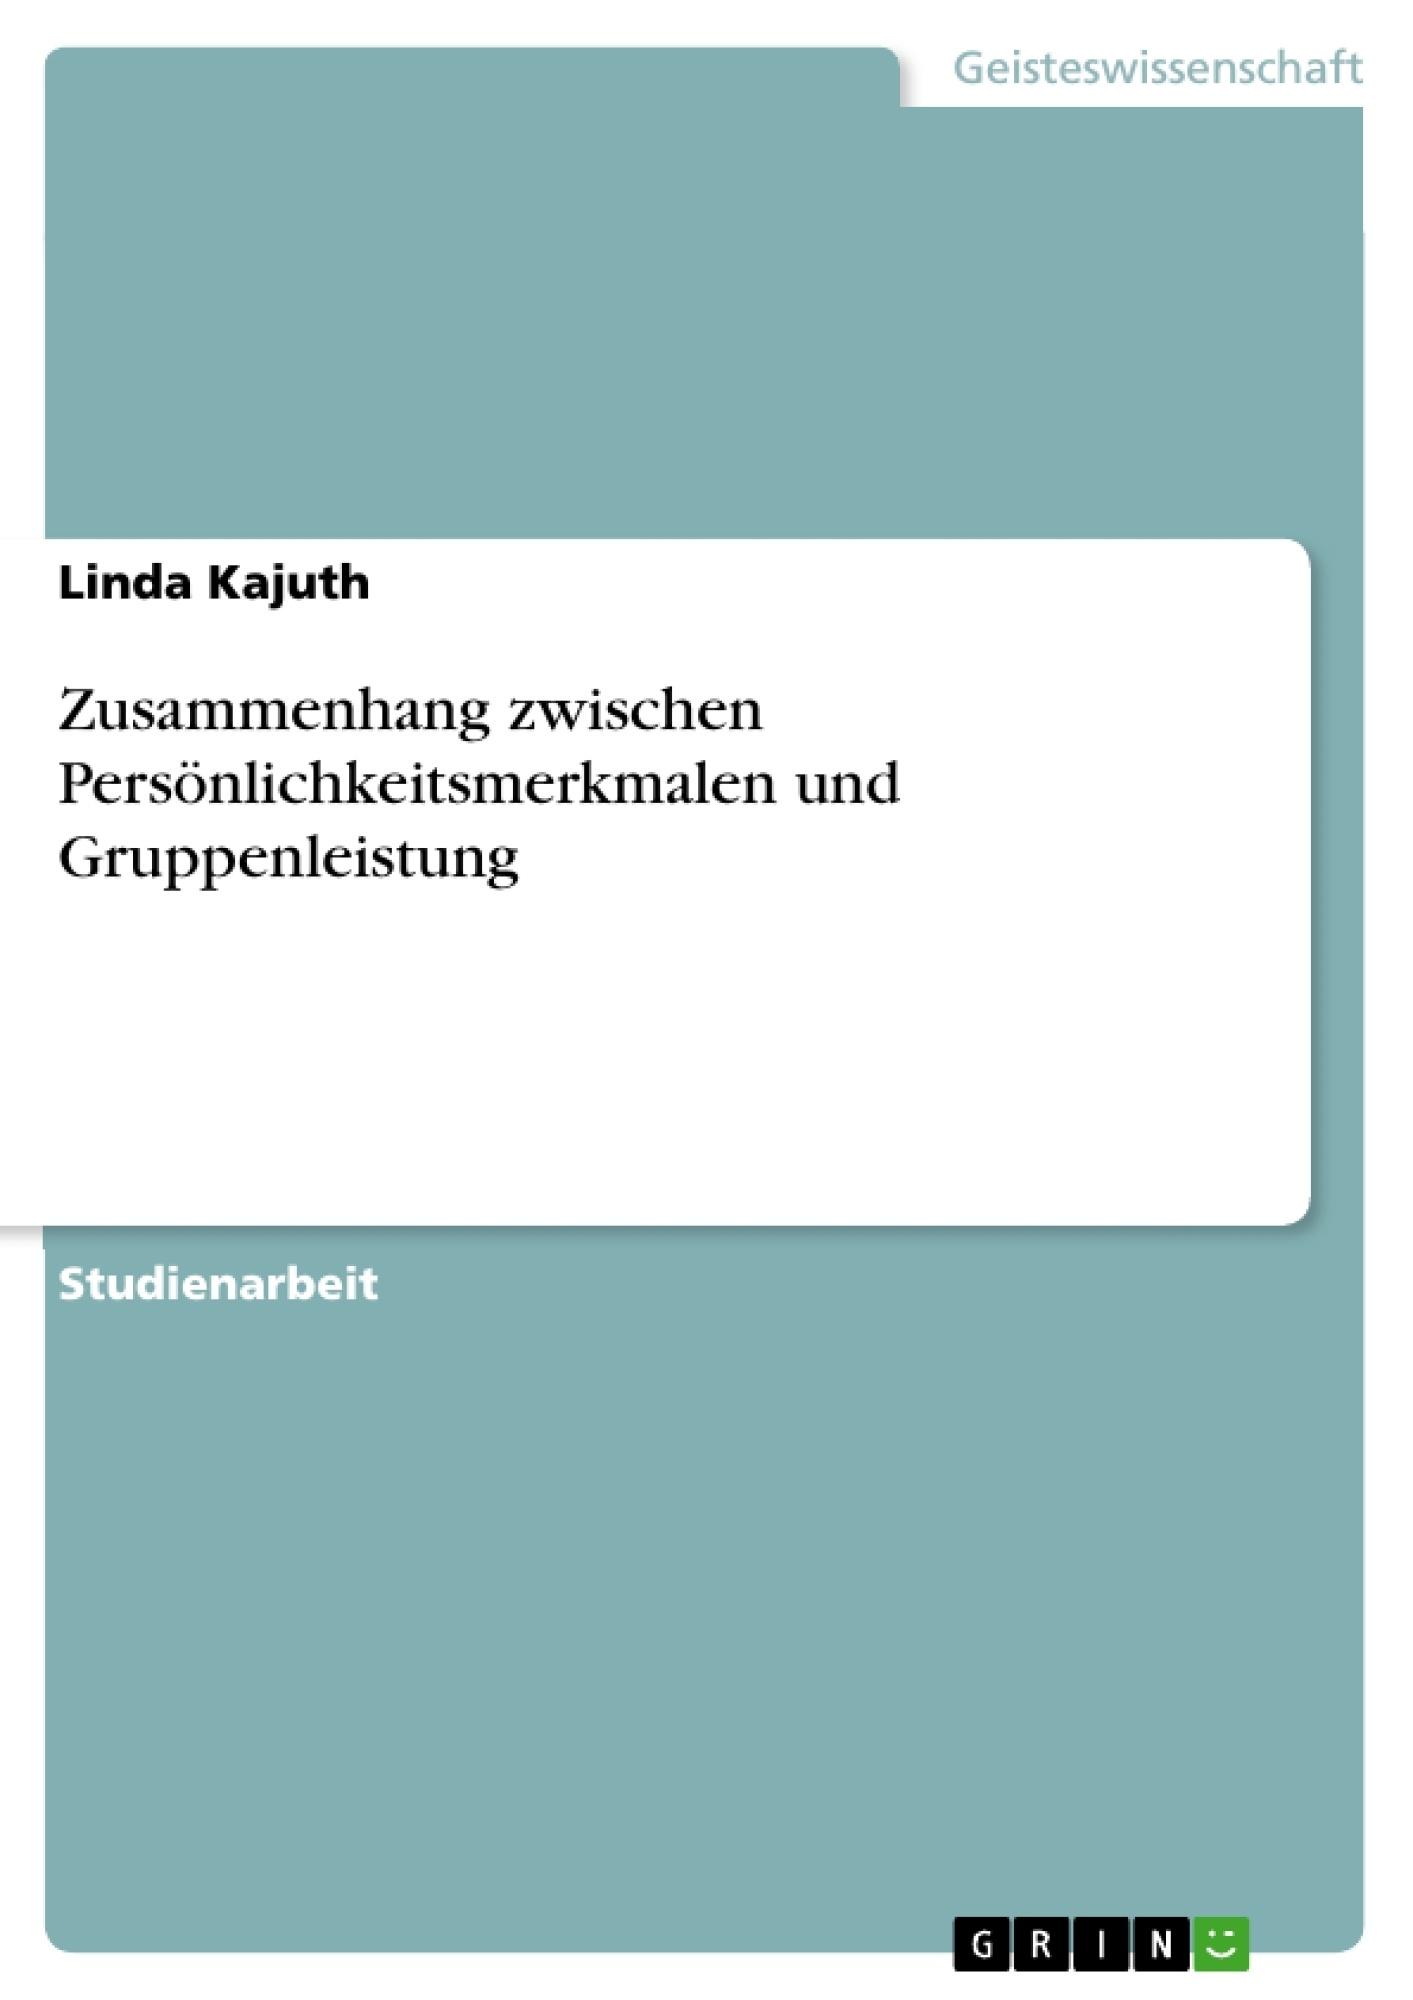 Titel: Zusammenhang zwischen Persönlichkeitsmerkmalen und Gruppenleistung